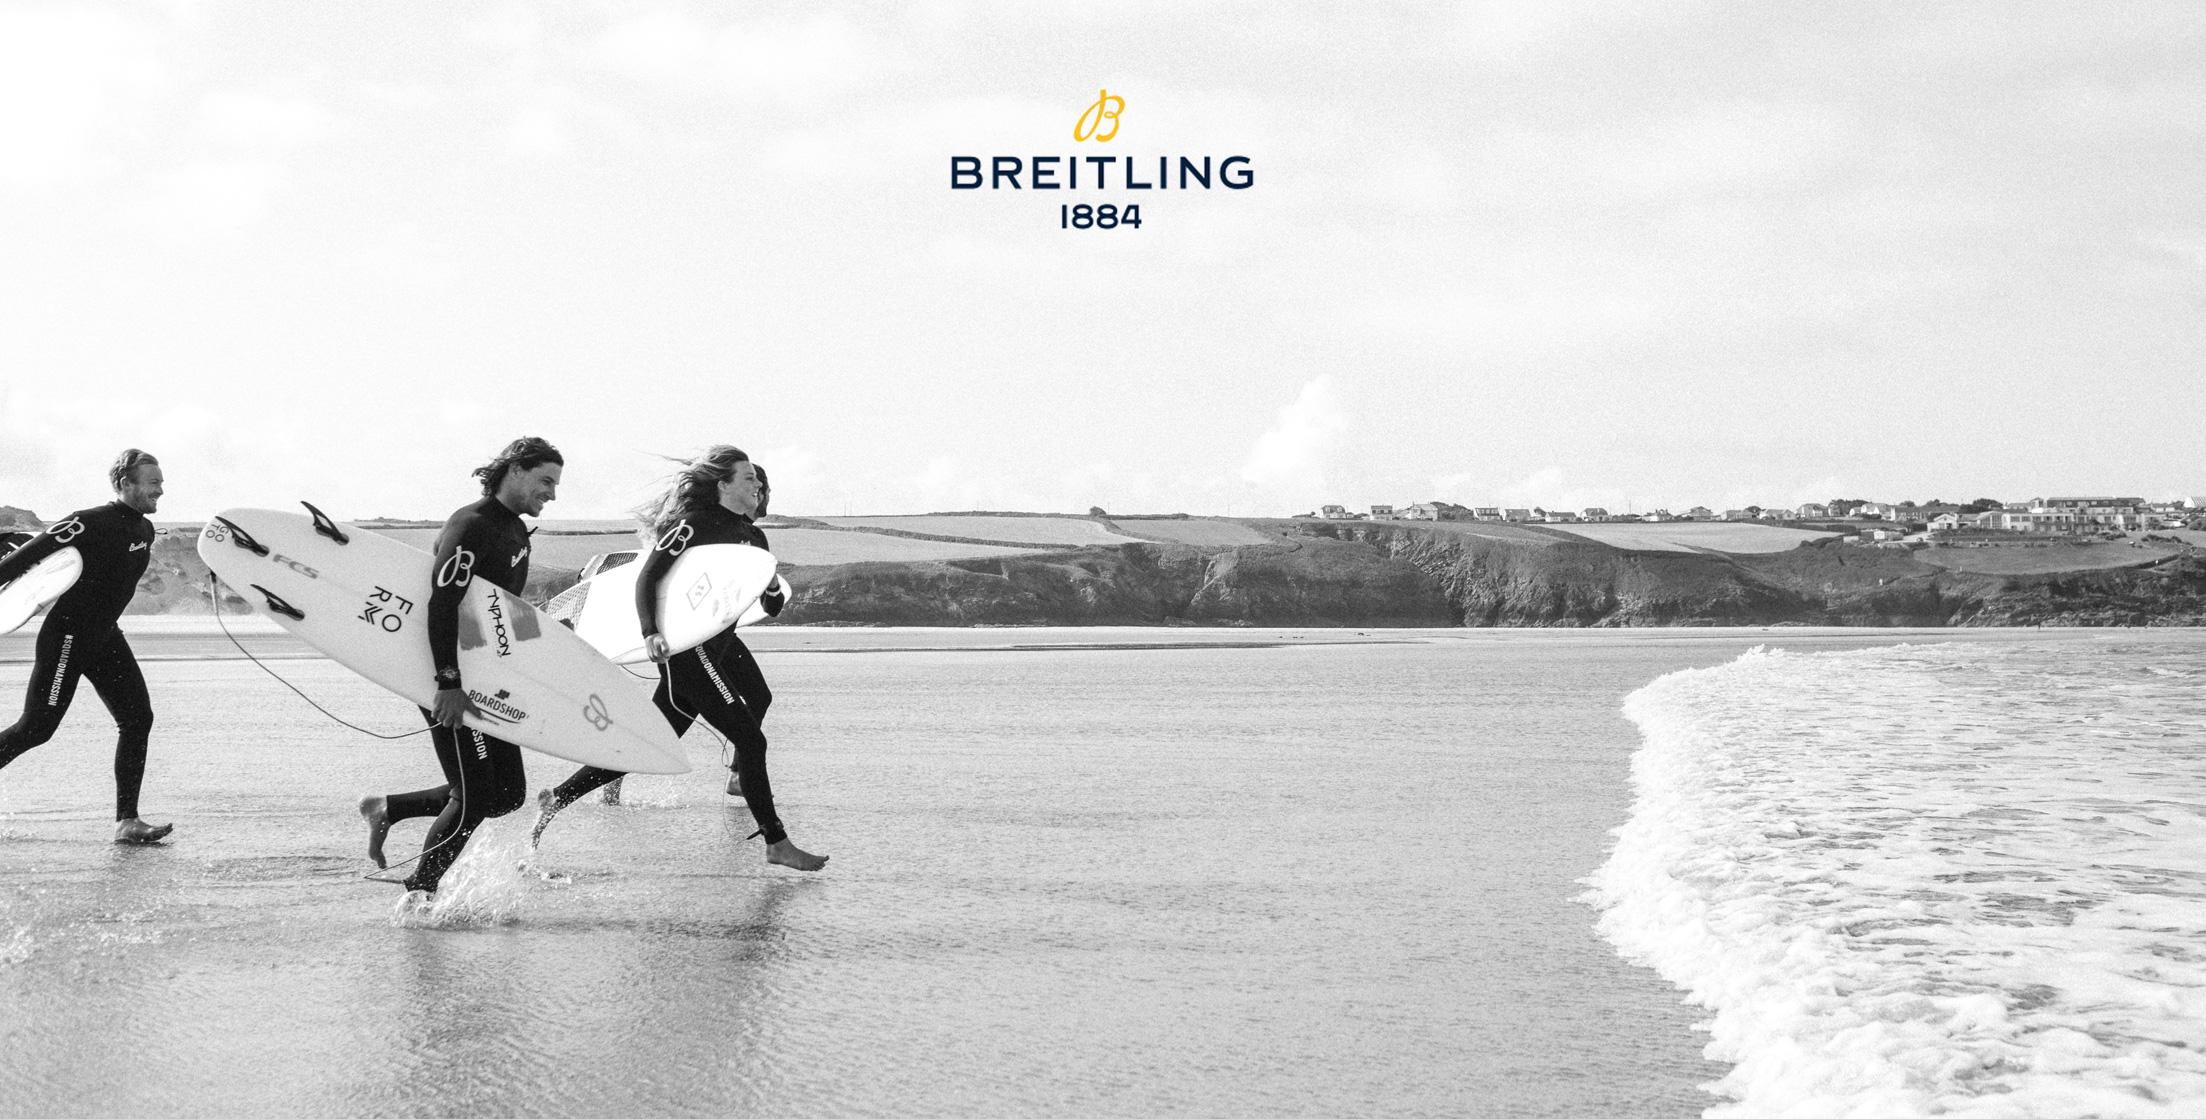 Breitling-FinnBeales-01.jpg